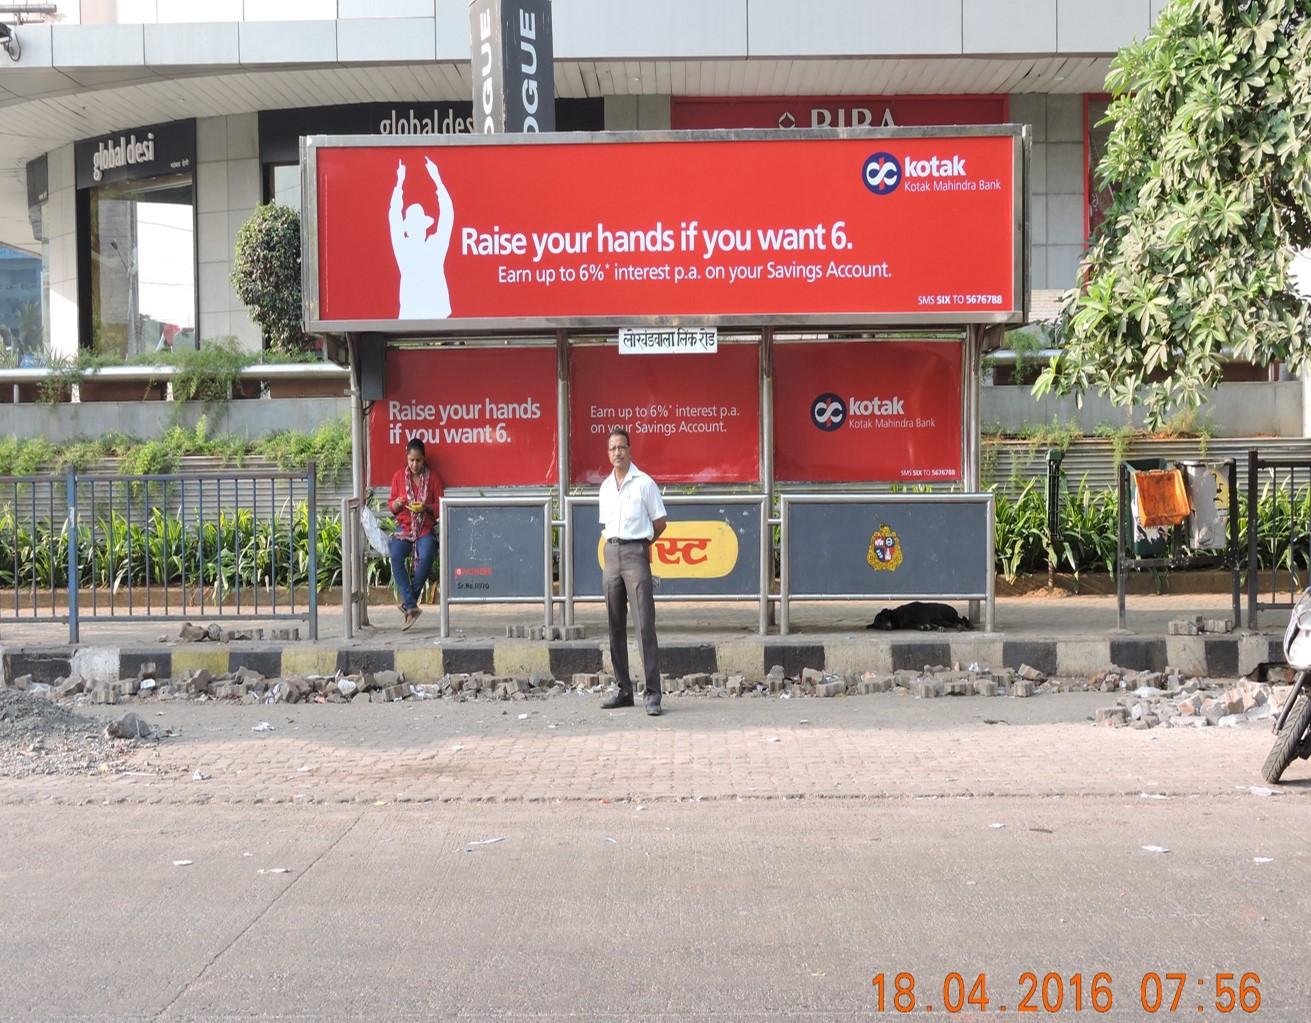 Lokhandwala O/s Infinity Mall UP, Mumbai